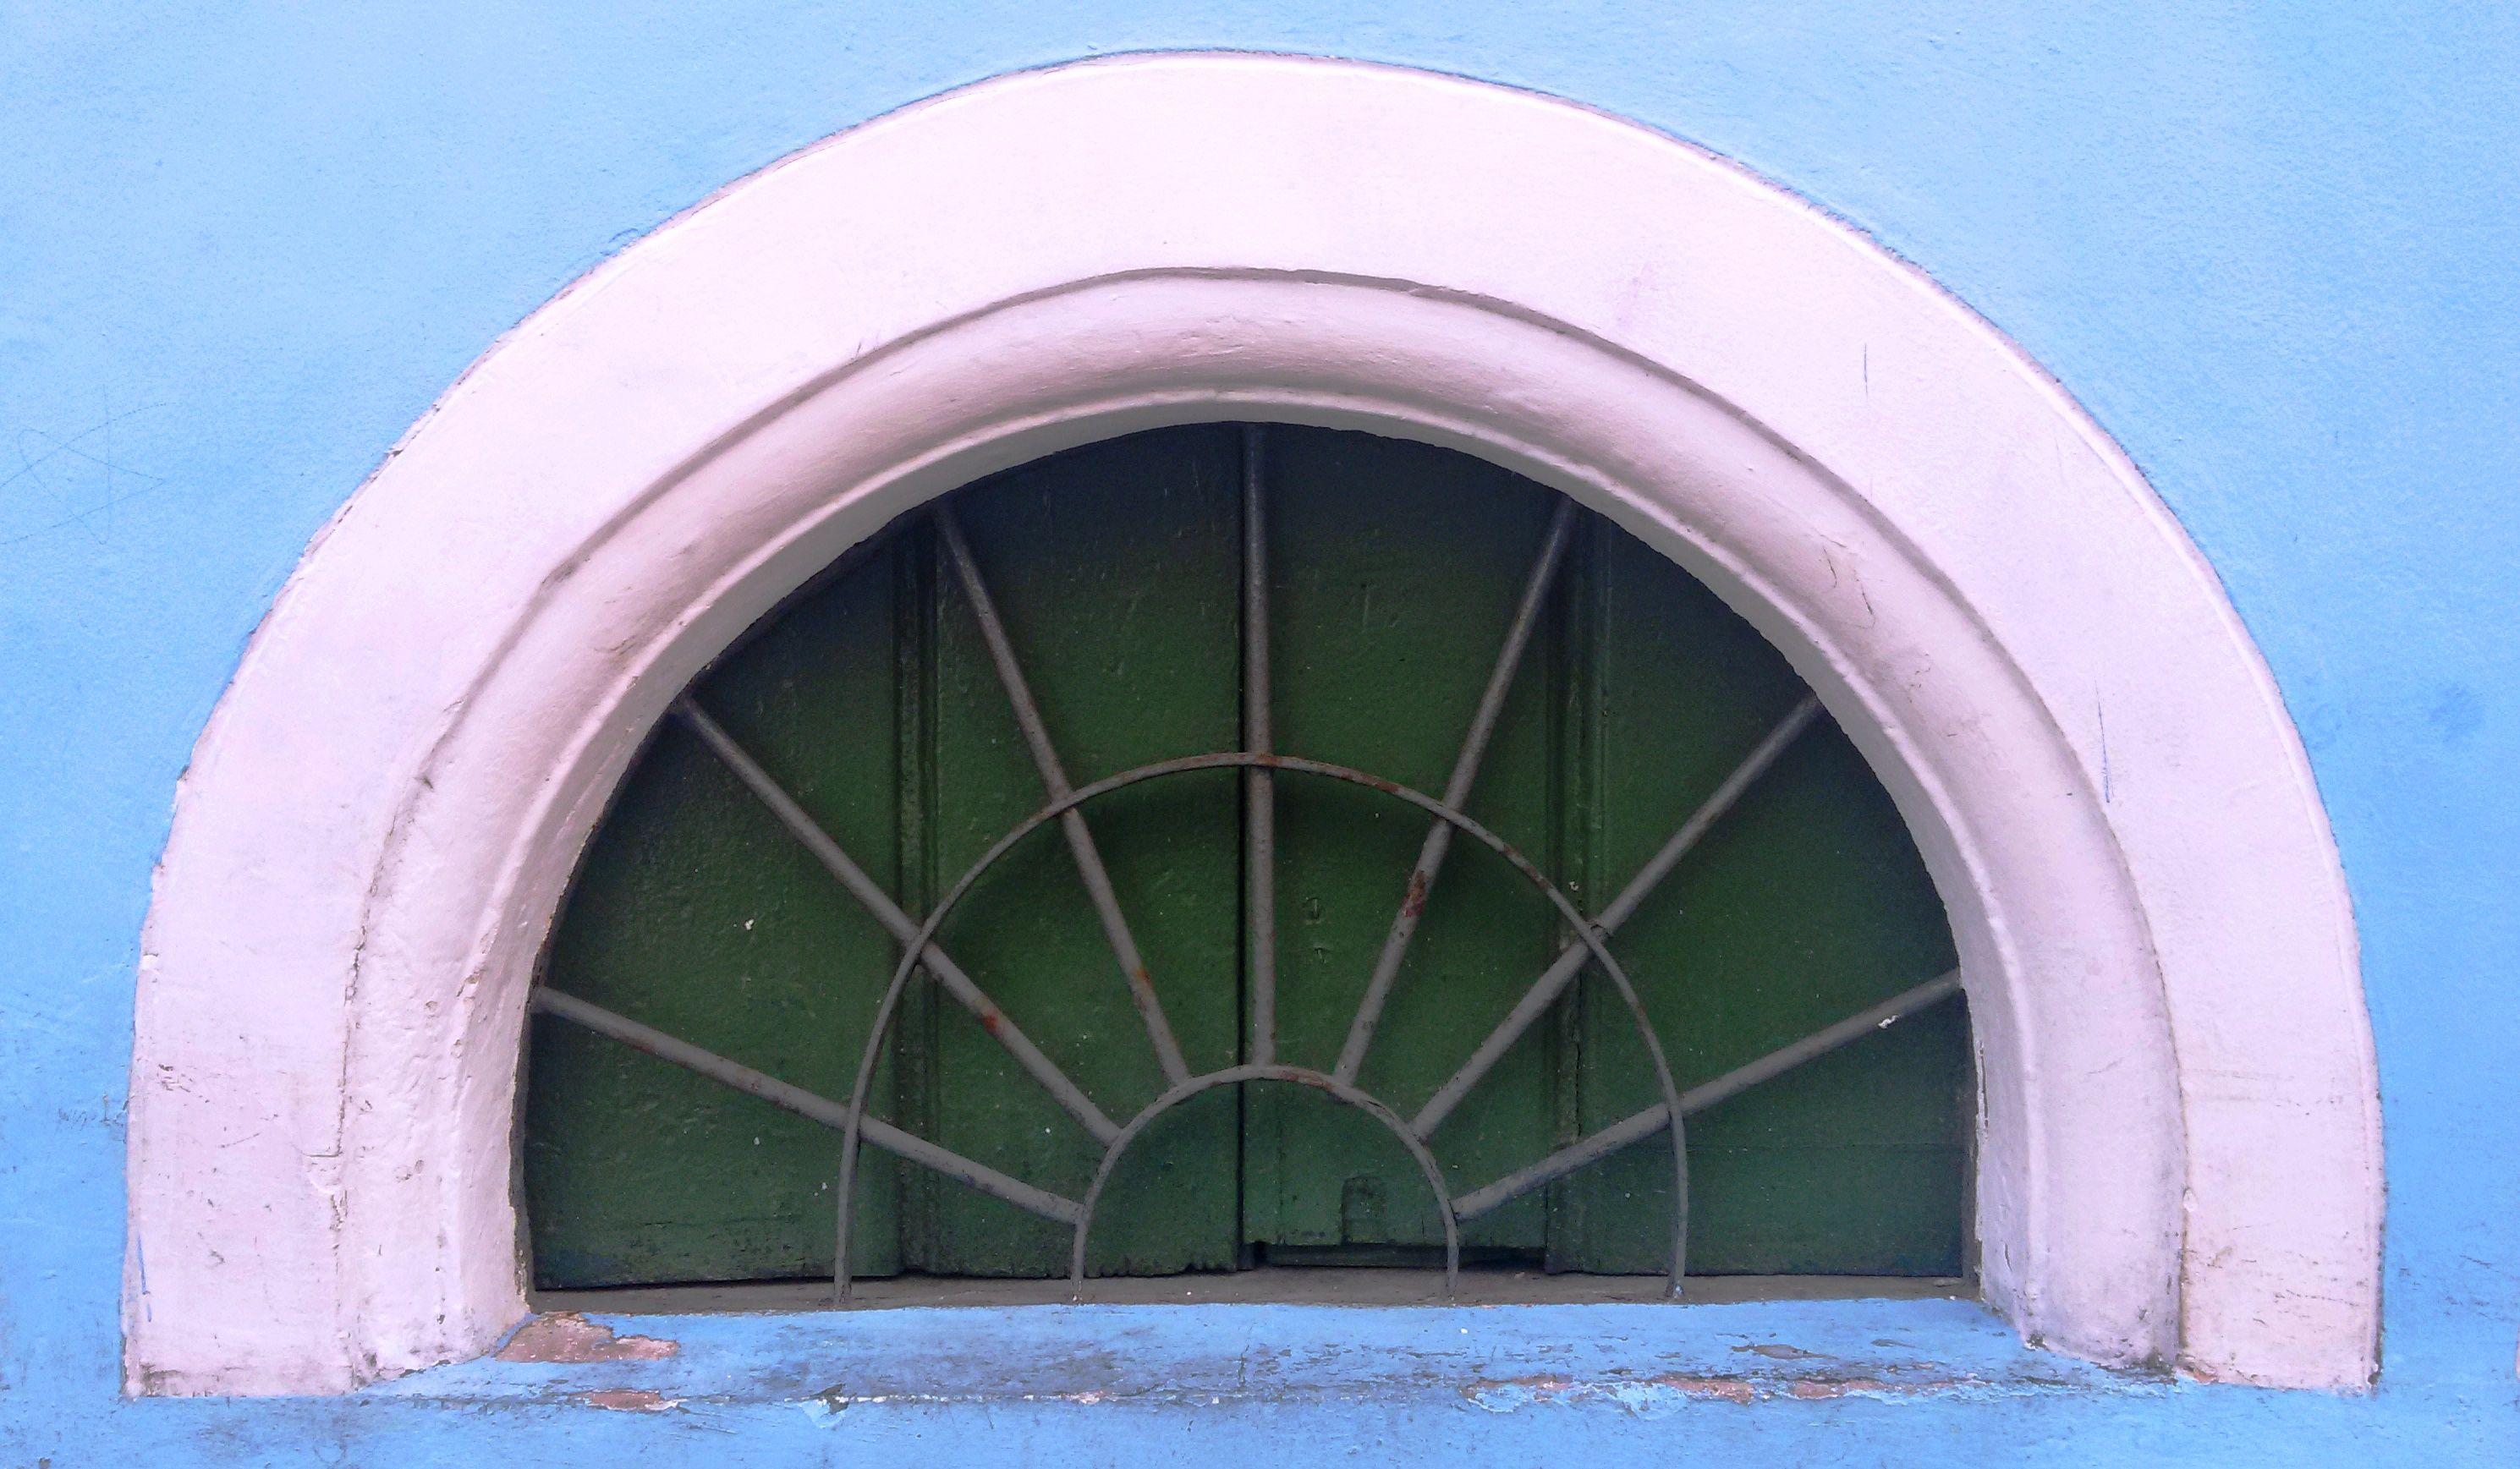 Janela para iluminação de porão de um dos imóveis do conjunto arquitetônico histórico de Salvador.